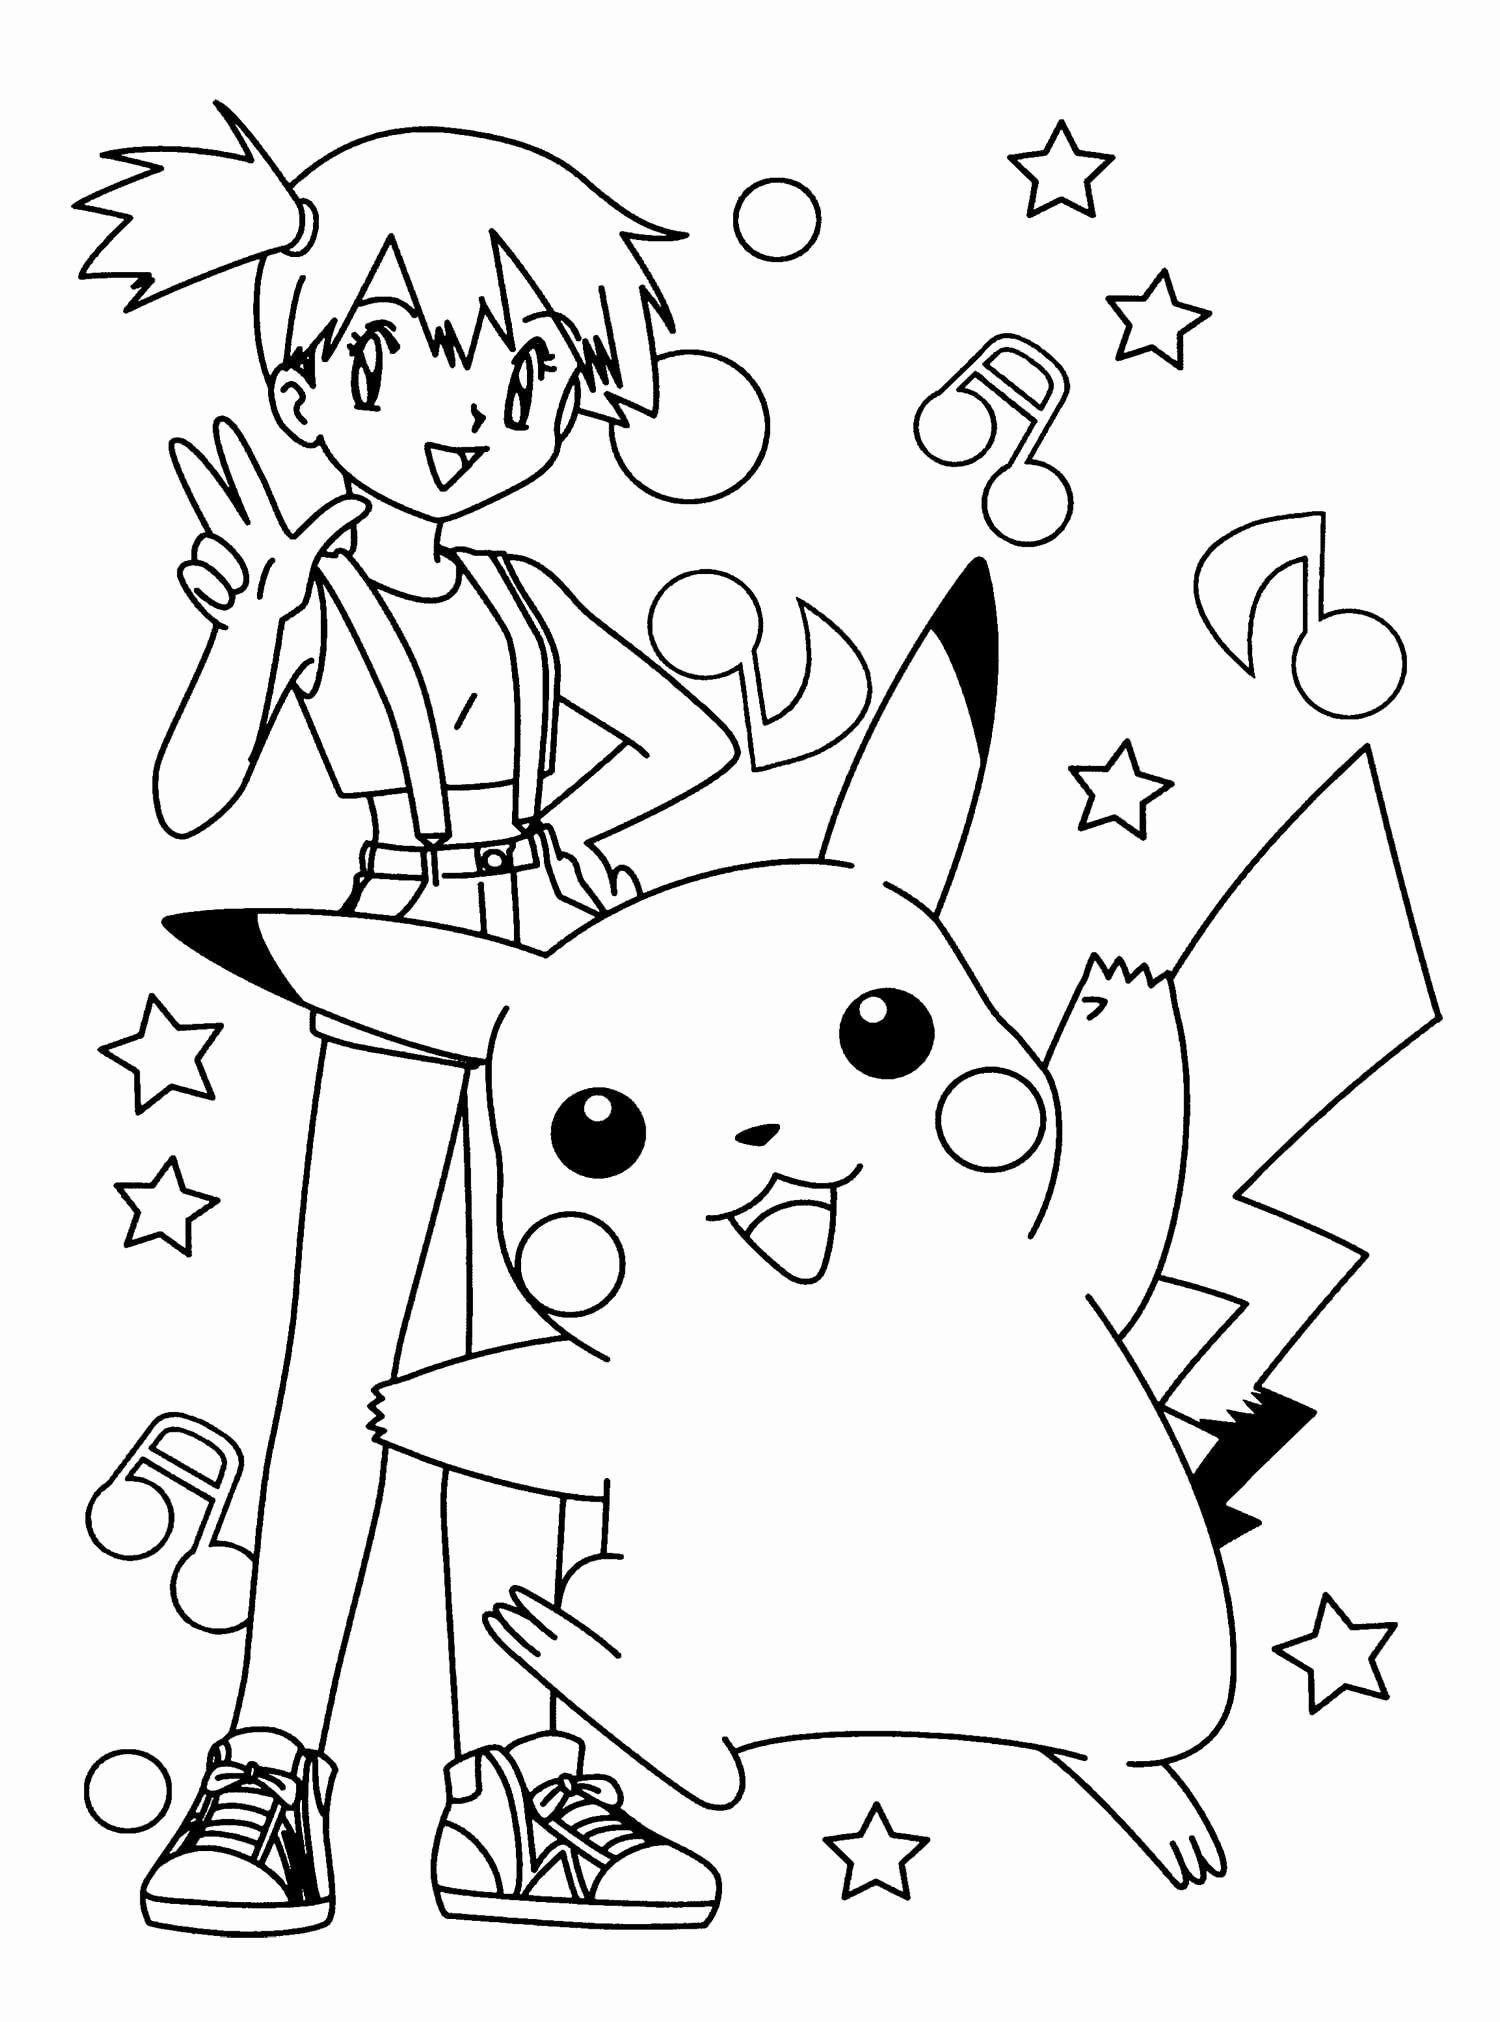 Alolan Raichu Coloring Page Lovely Pokemon Trainer Raichu Coloring Pages Pikachu Coloring Page Pokemon Coloring Pokemon Coloring Sheets